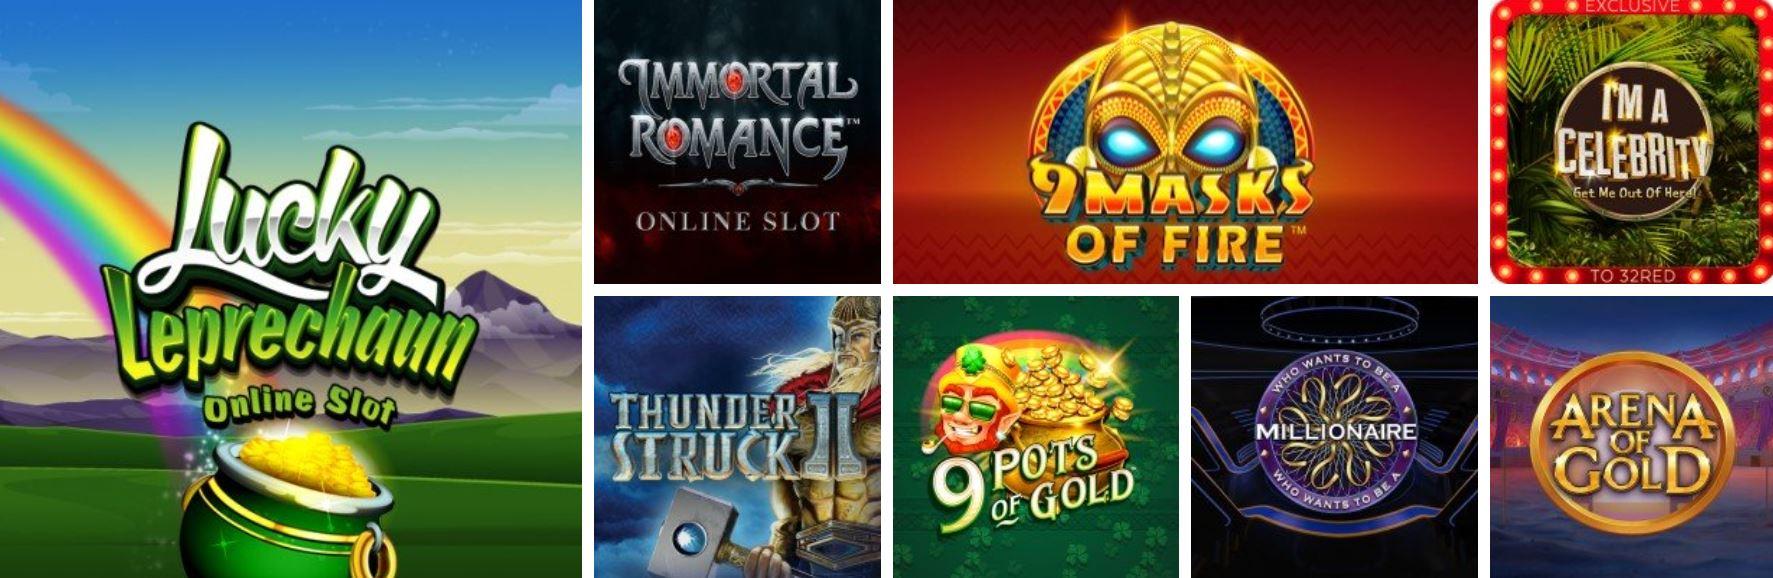 32red casino es una de las mejores salas de casino online.